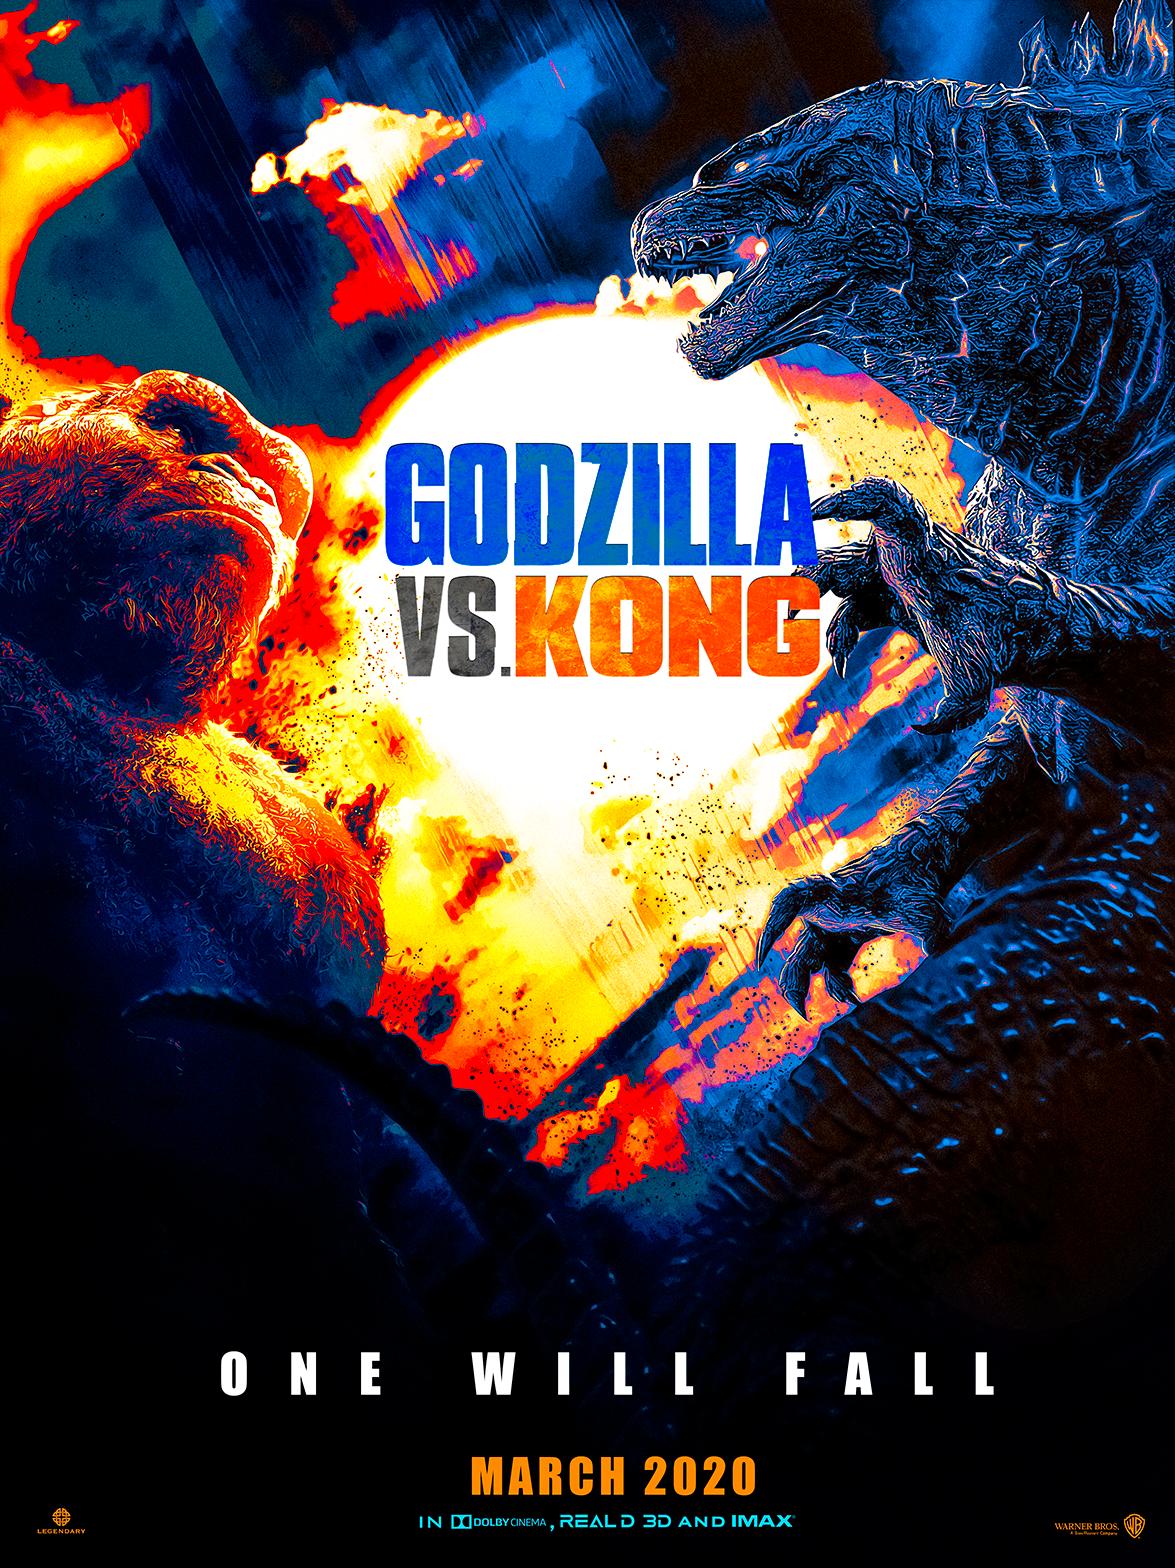 Godzilla Vs Kong Poster Andrewvm By Andrewvm On Deviantart